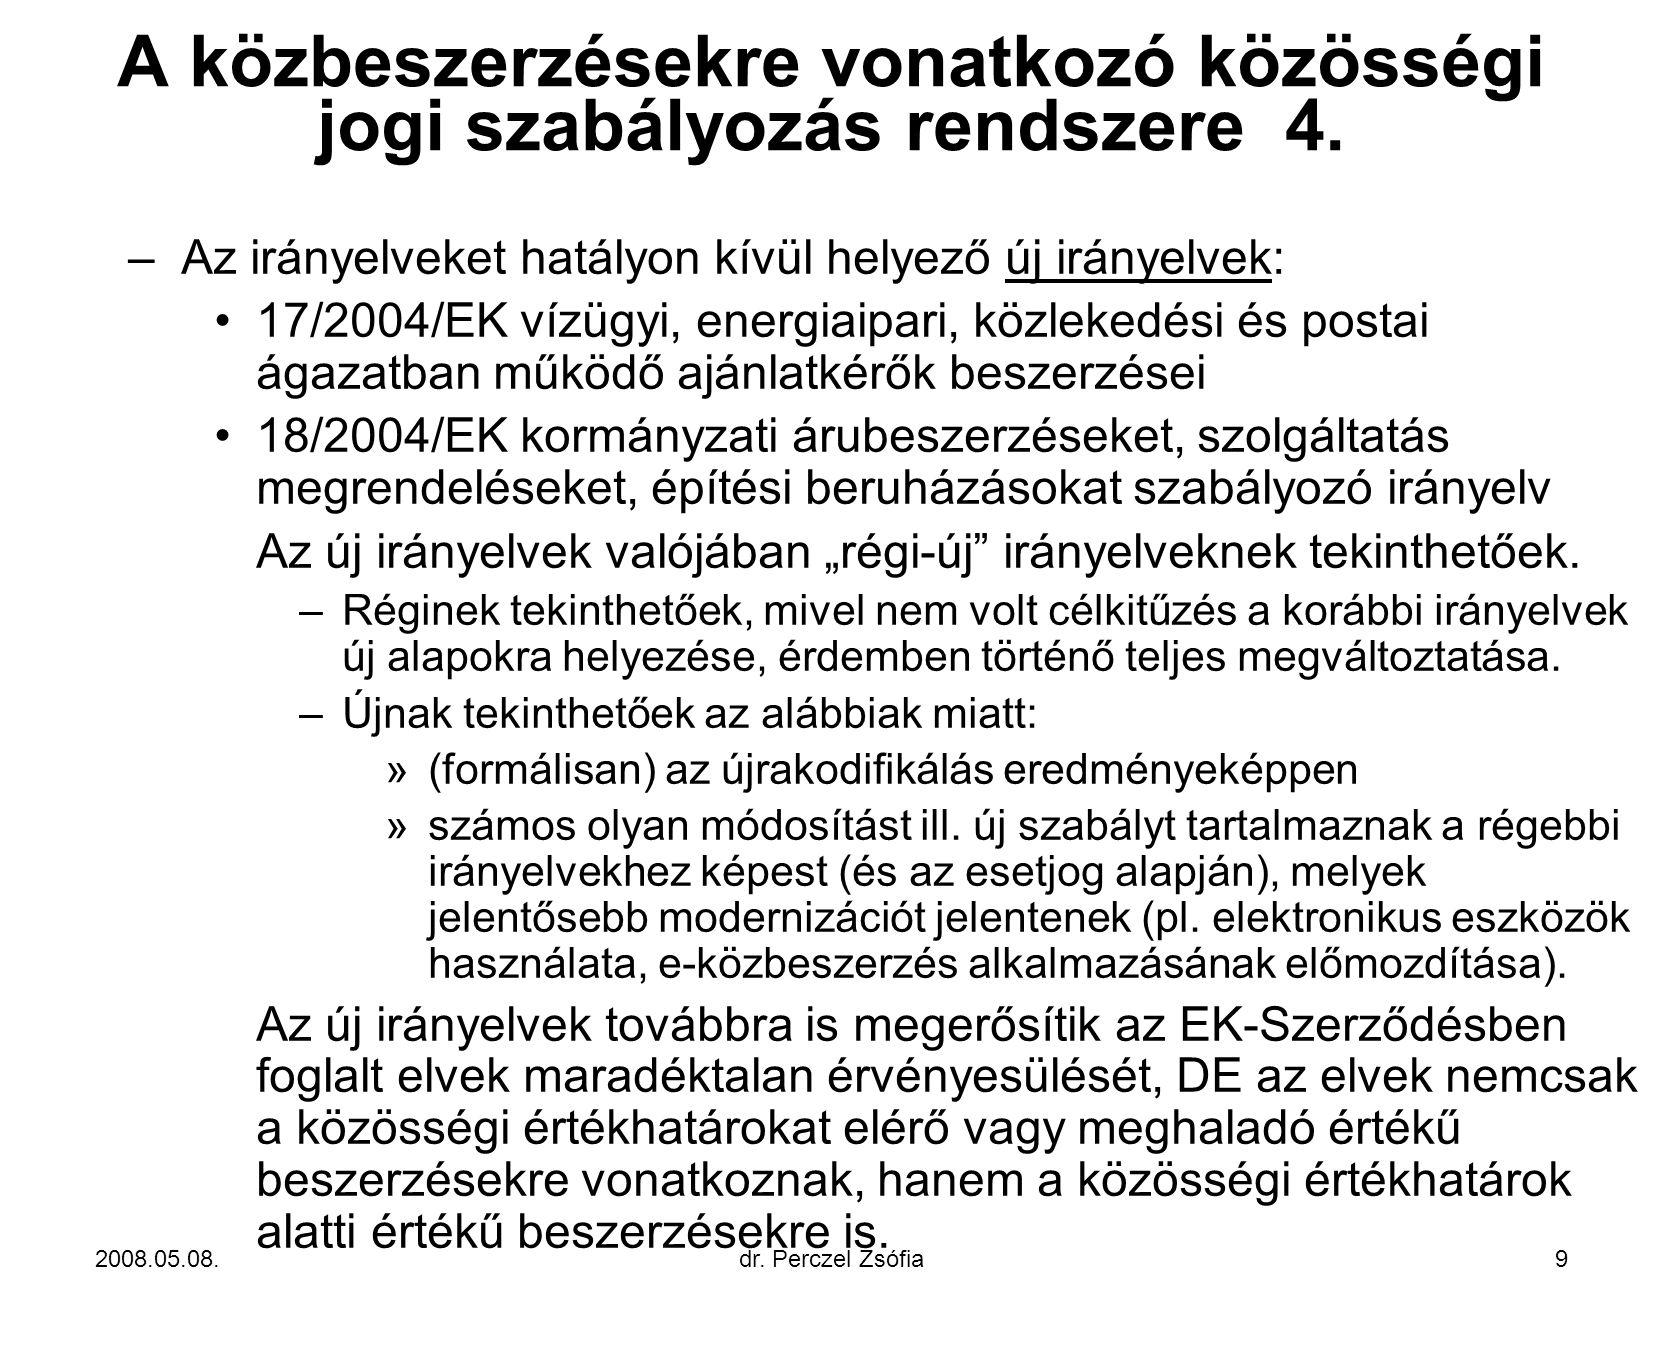 A közbeszerzésekre vonatkozó közösségi jogi szabályozás rendszere 4.